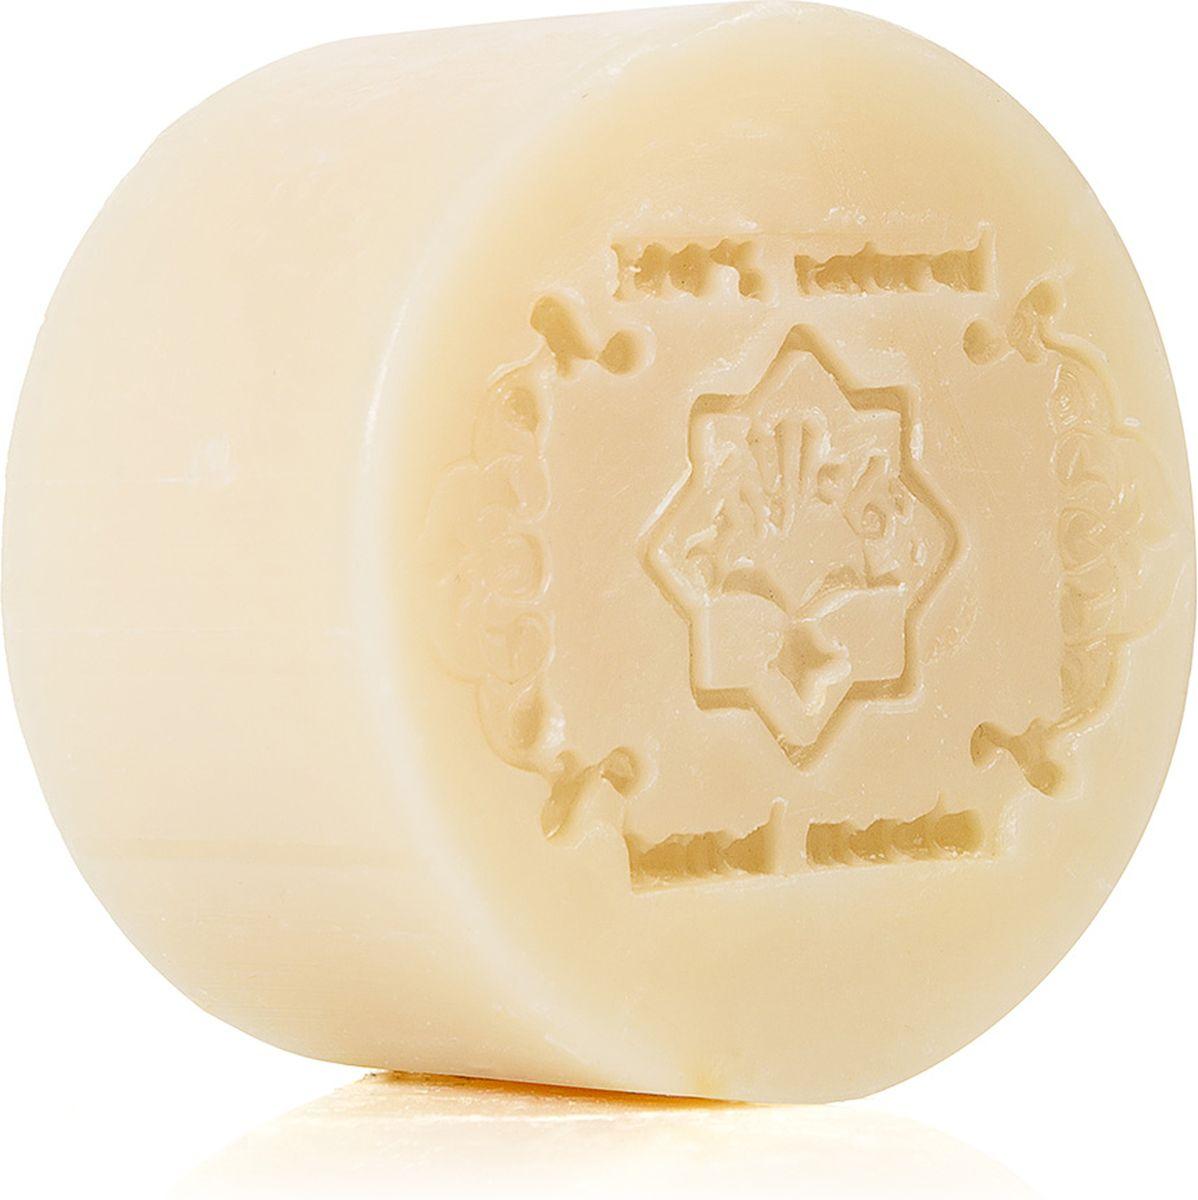 Зейтун Мыло Экстра №8 Антистресс, 150 гSatin Hair 7 BR730MNСпециально подобранная для этого натурального мыла смесь эфирных масел оказывает антистрессовый и расслабляющий нервную систему ароматерапевтический эффект. Прекрасный выбор для жителей мегаполиса! Это очень нежное мыло подходит для ухода за сухой и чувствительной кожей, за кожей лица, хорошо увлажняет и не сушит кожу.